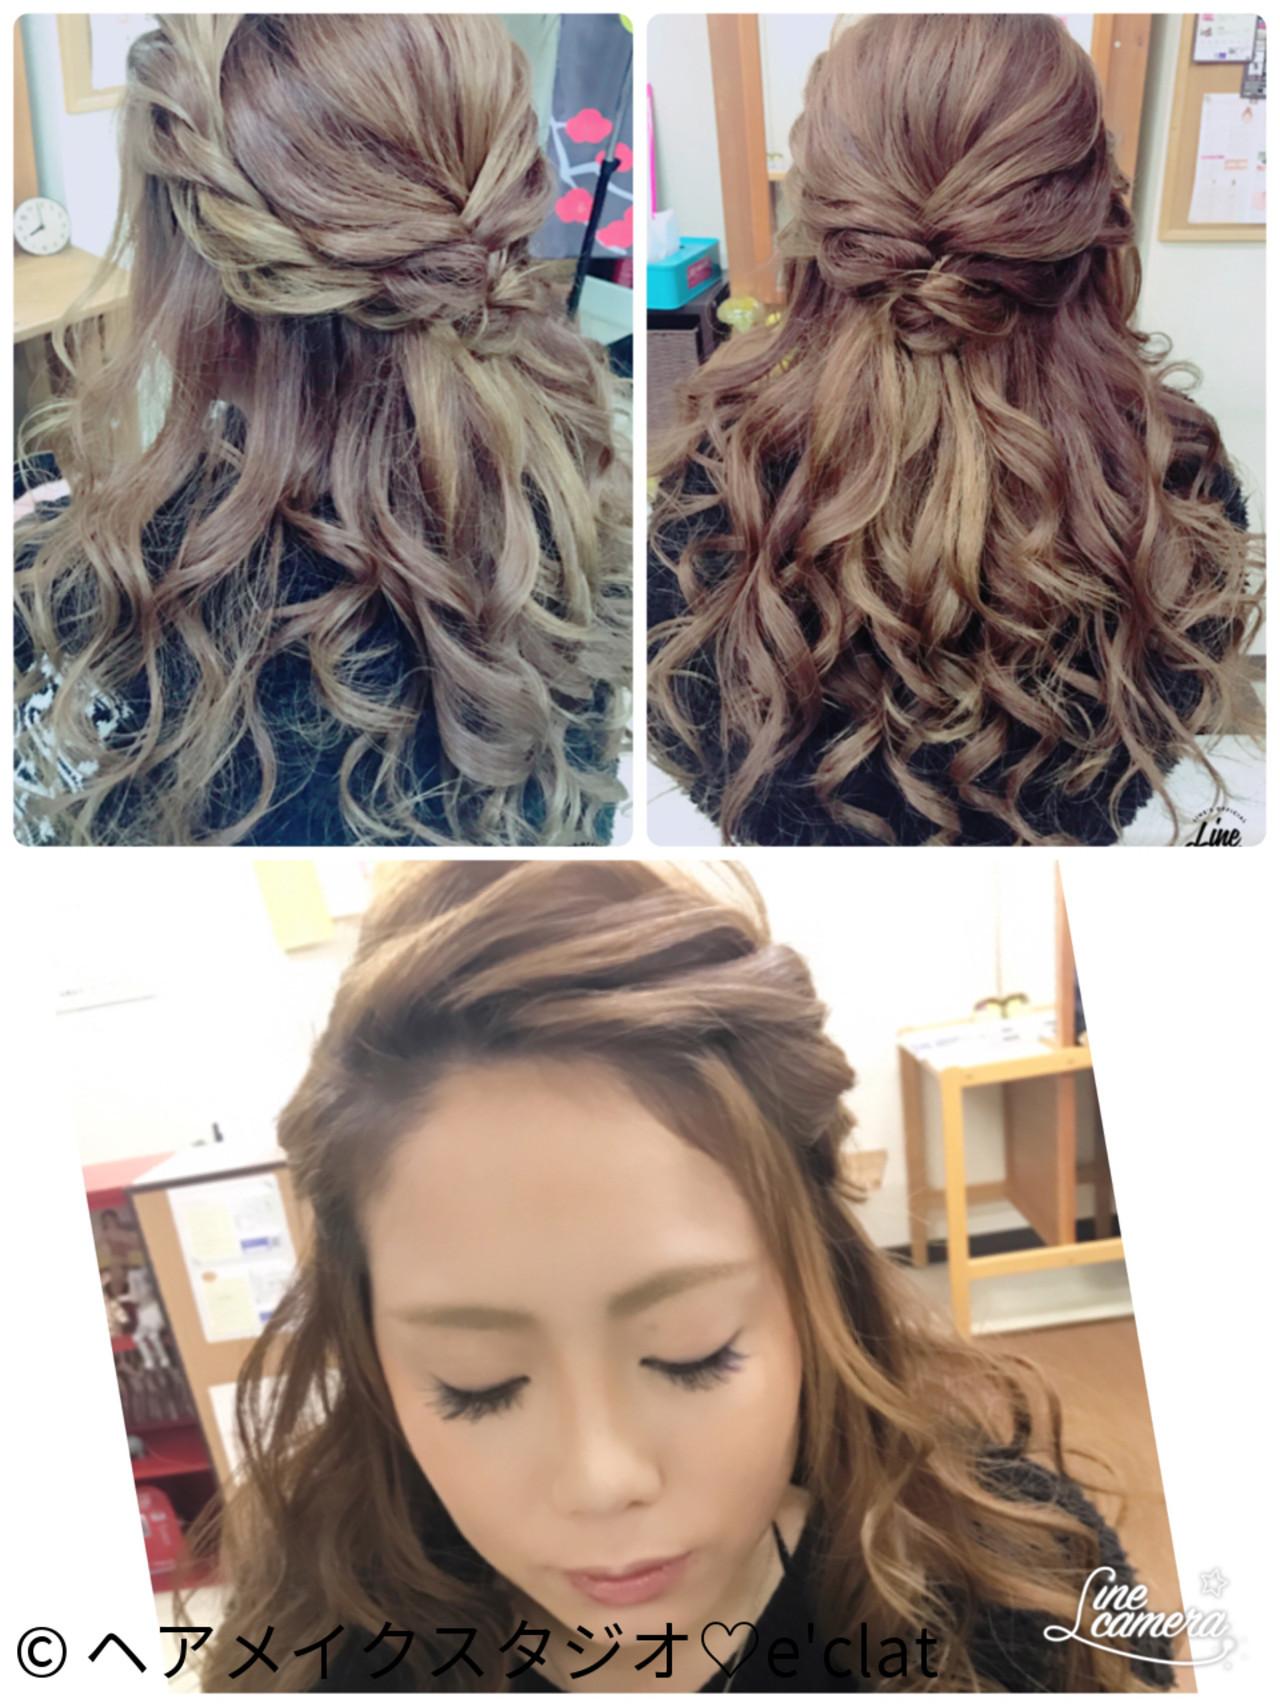 たっぷり褒められちゃう結婚式髪型♡かわいさ極上のロングアップ10選